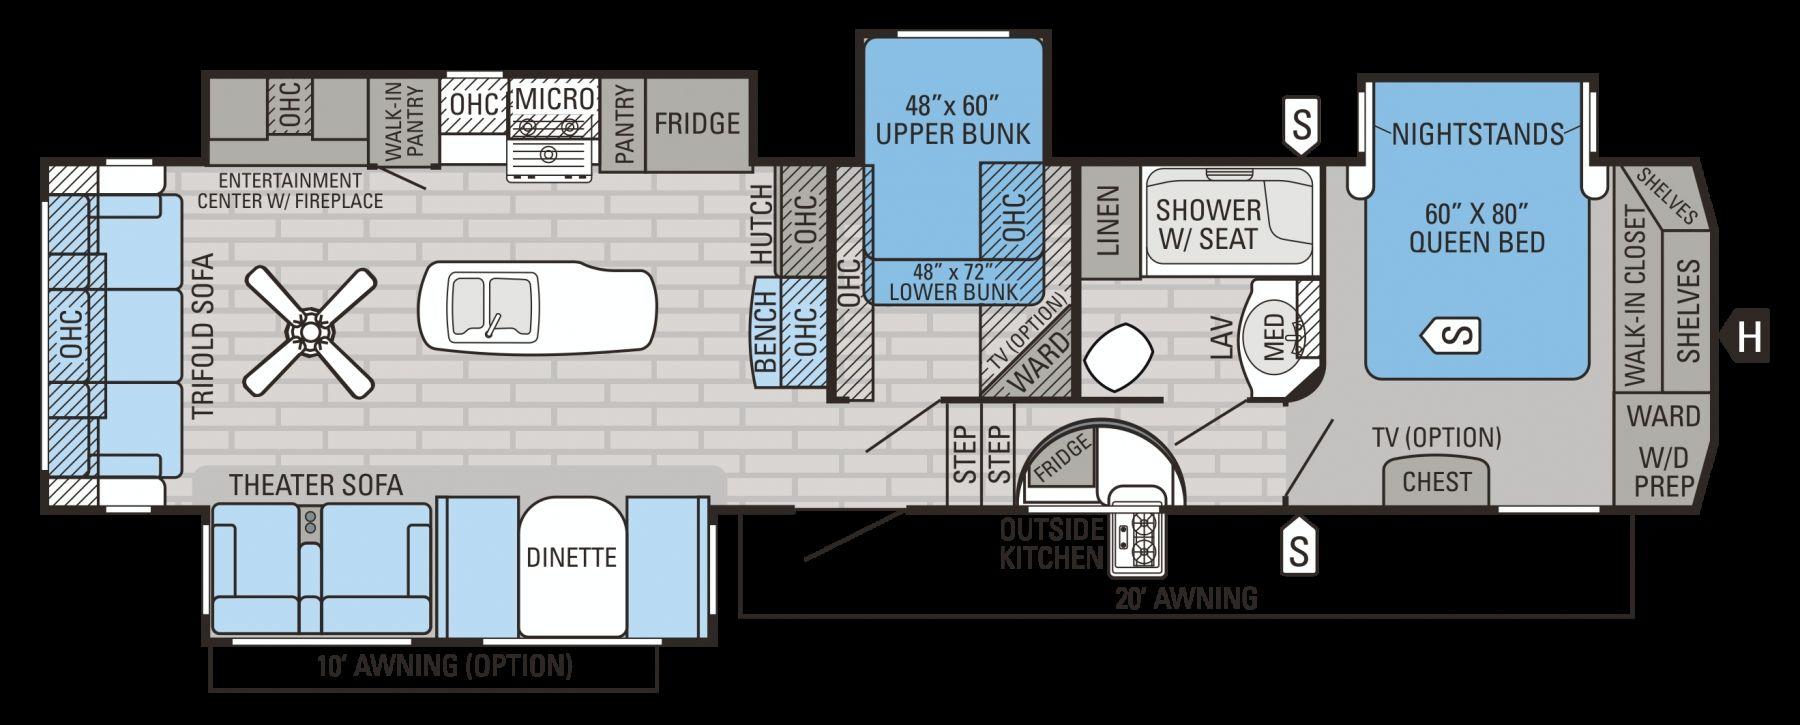 Jayco Fifth Wheel Camper Floor Plans Camper flooring